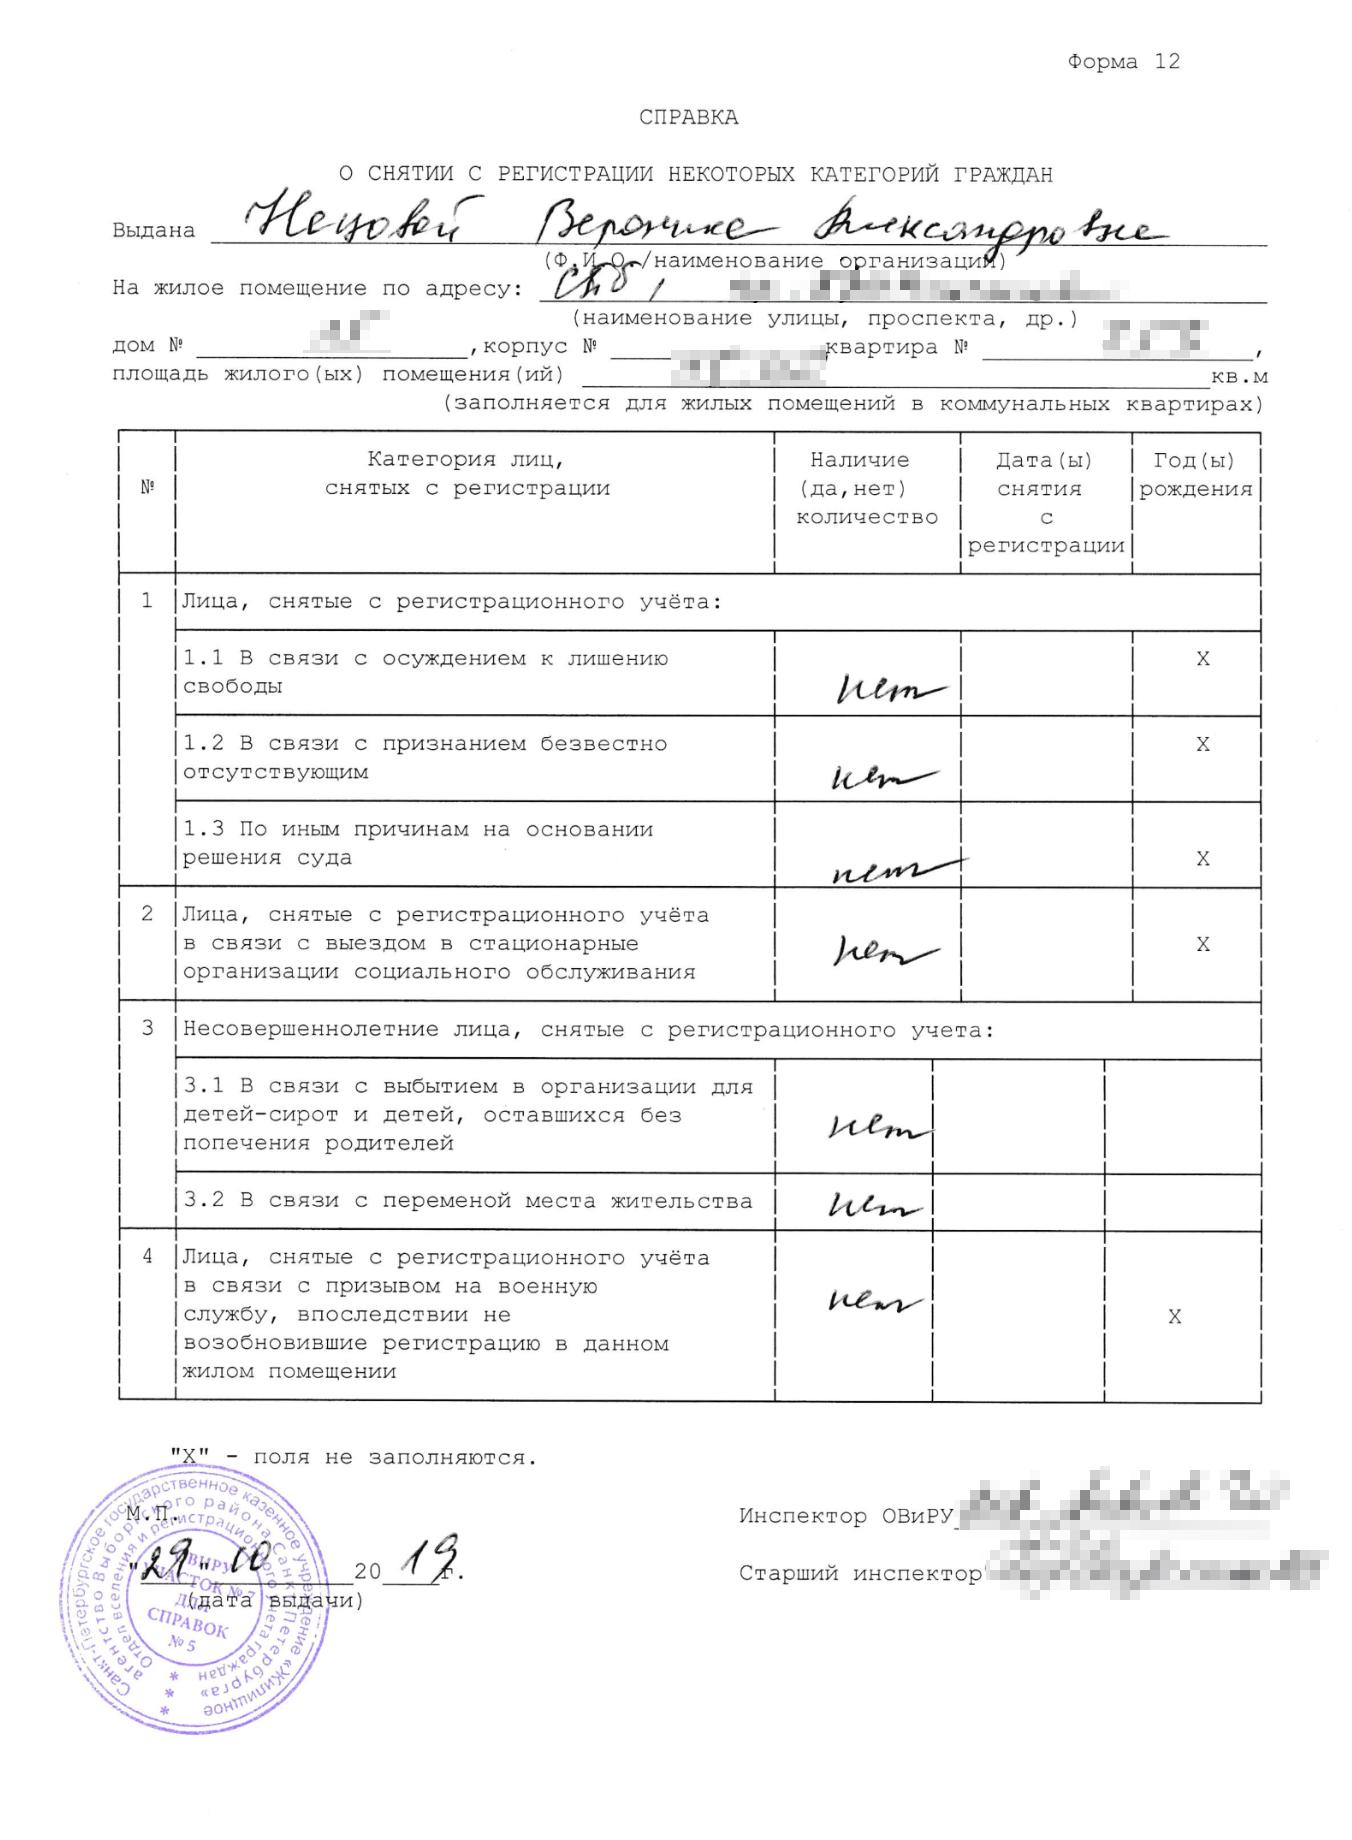 Справка формы 12. Форма содержит в себе информацию о прописанных в квартире за весь период существования конкретного жилого помещения. Даже тех, кто был снят с регистрационного учета по каким-либо обстоятельствам